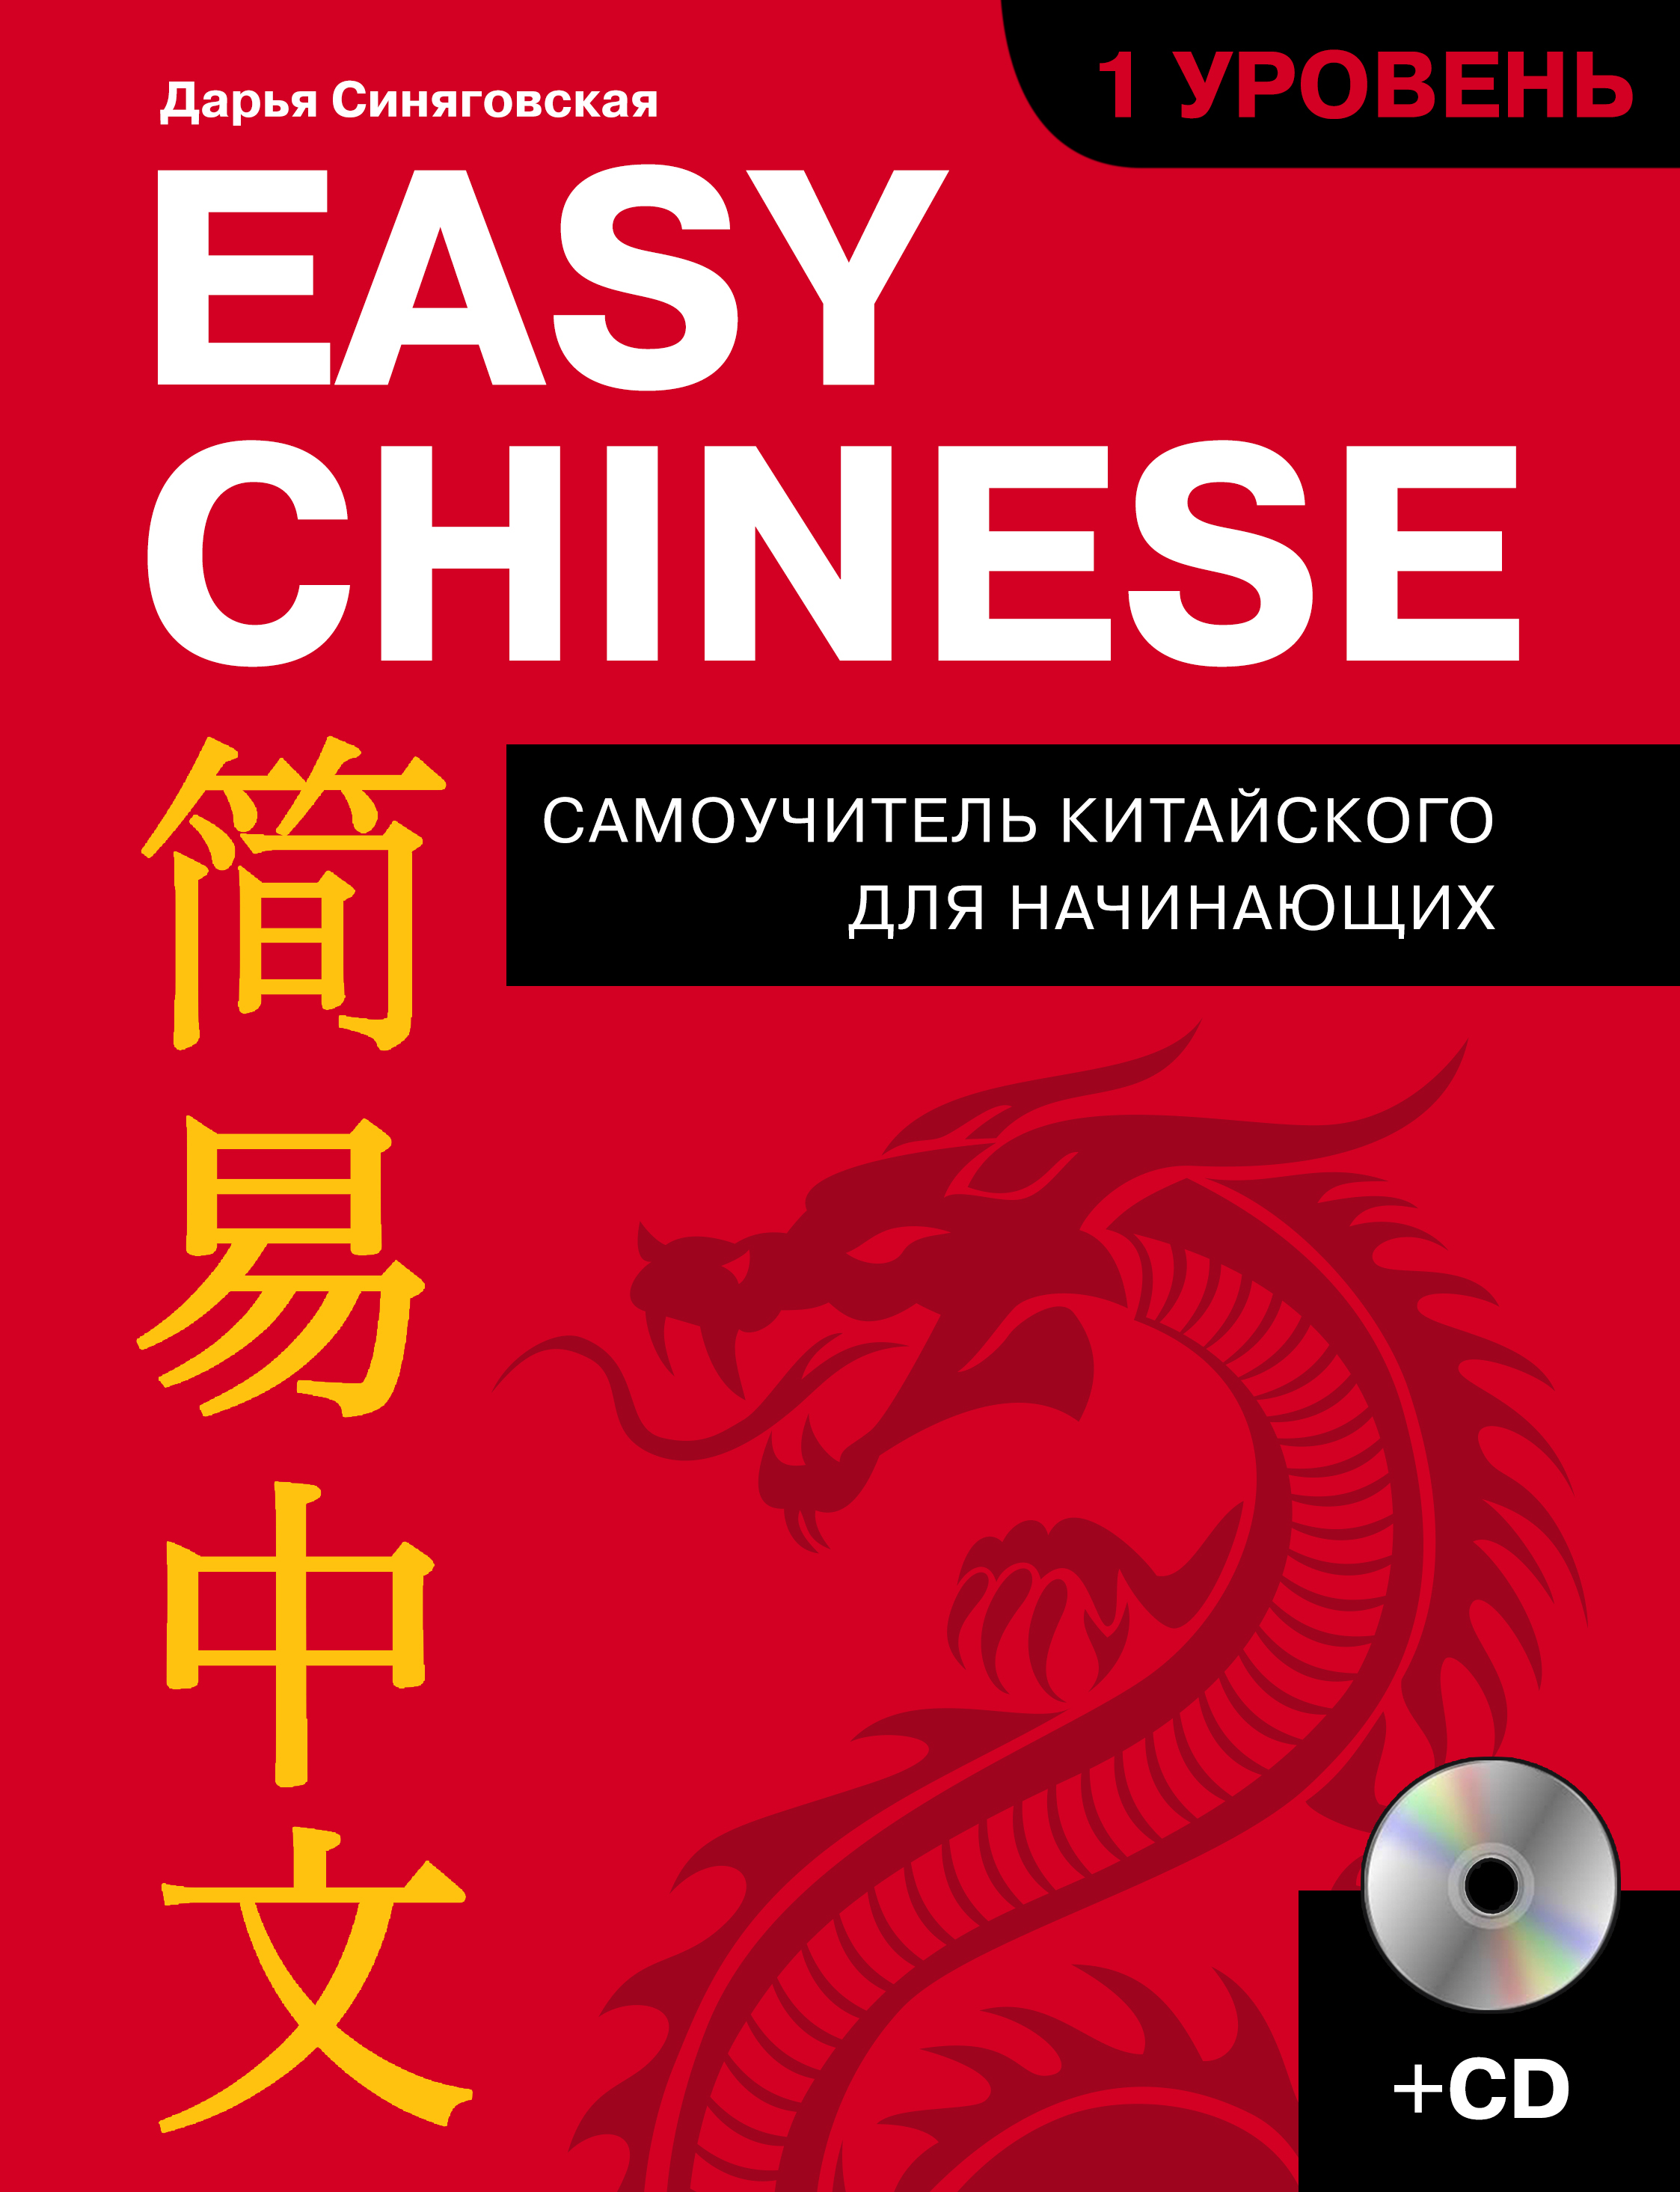 Синяговская Дарья Константиновна Easy Chinese. 1 уровень. Самоучитель китайского для начинающих (+ CD)